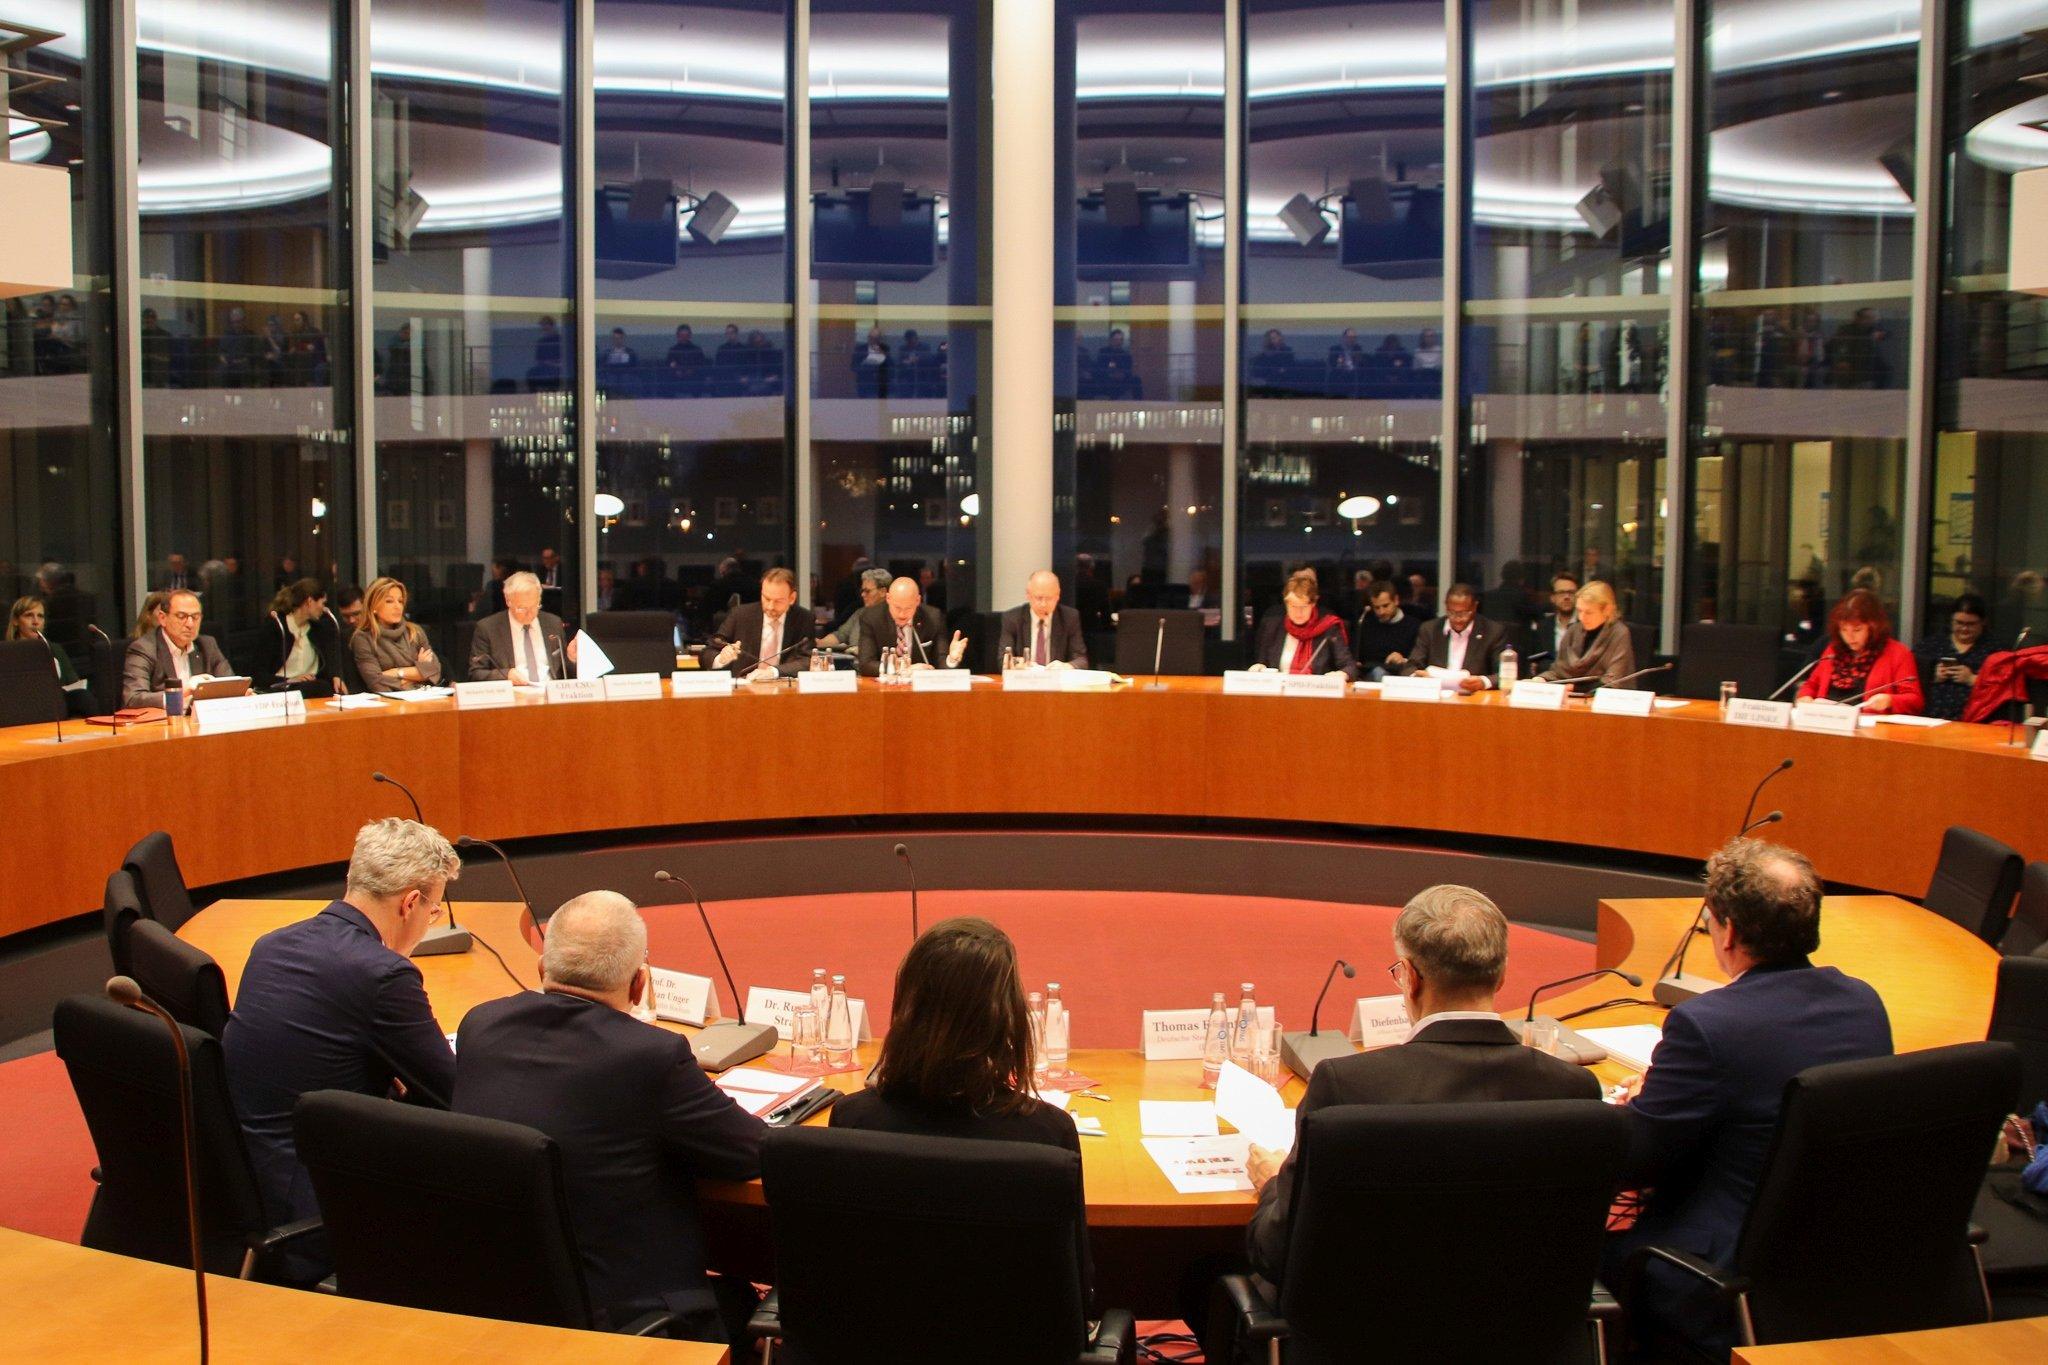 Öffentliche Anhörung Gemeinützigkeitsrecht - Unterausschuss Bürgerschaftliches Engagement  Foto © Nikolaus Hausser